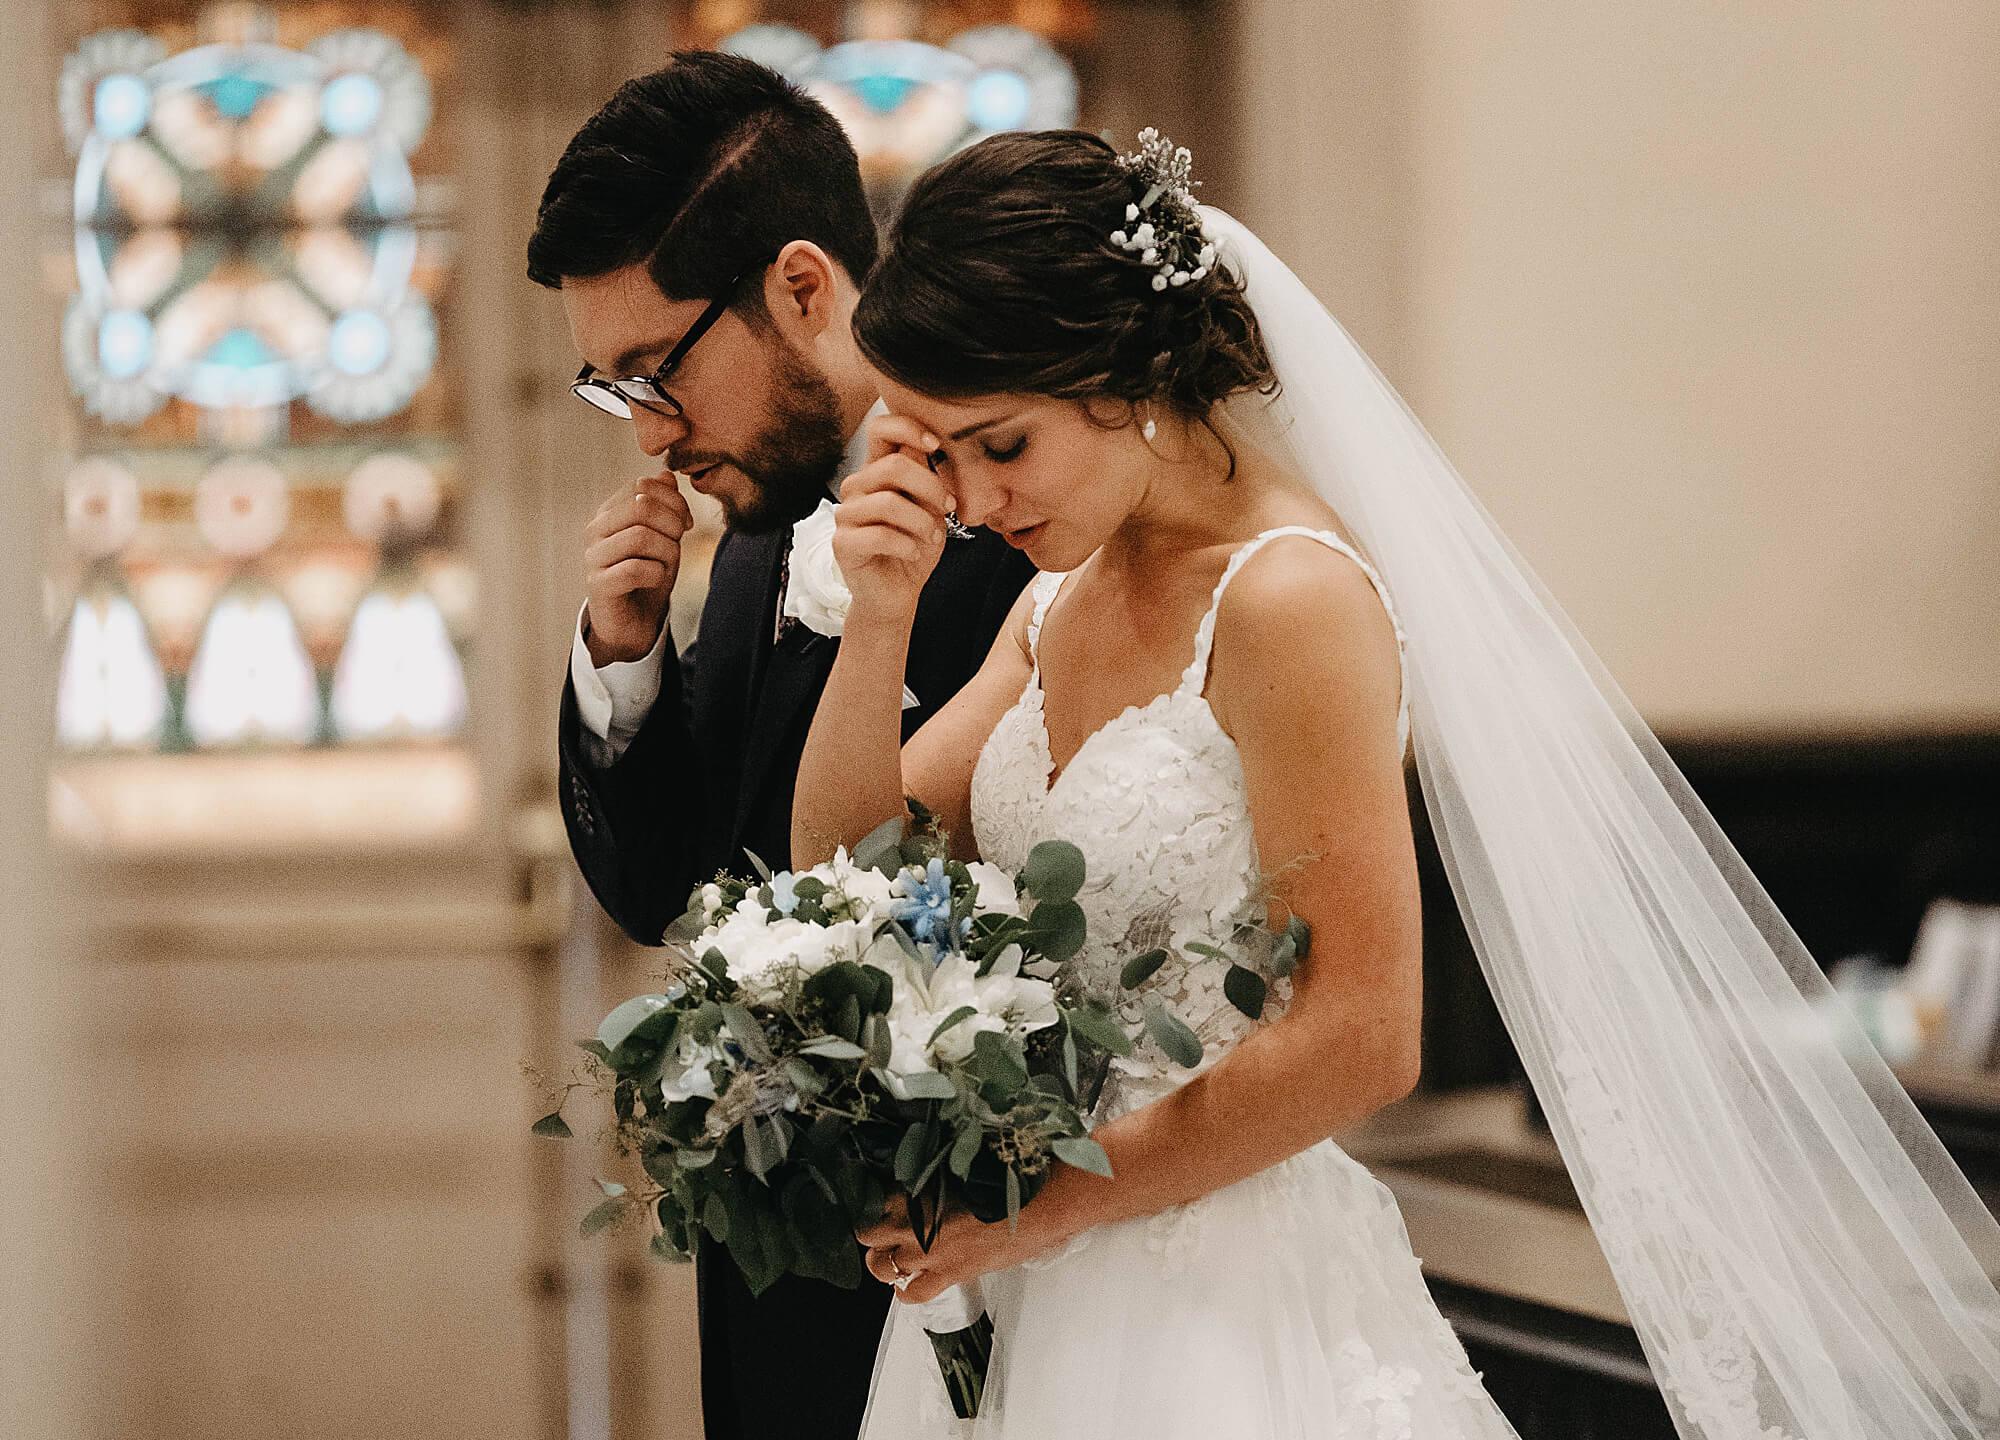 casamento religioso como funciona